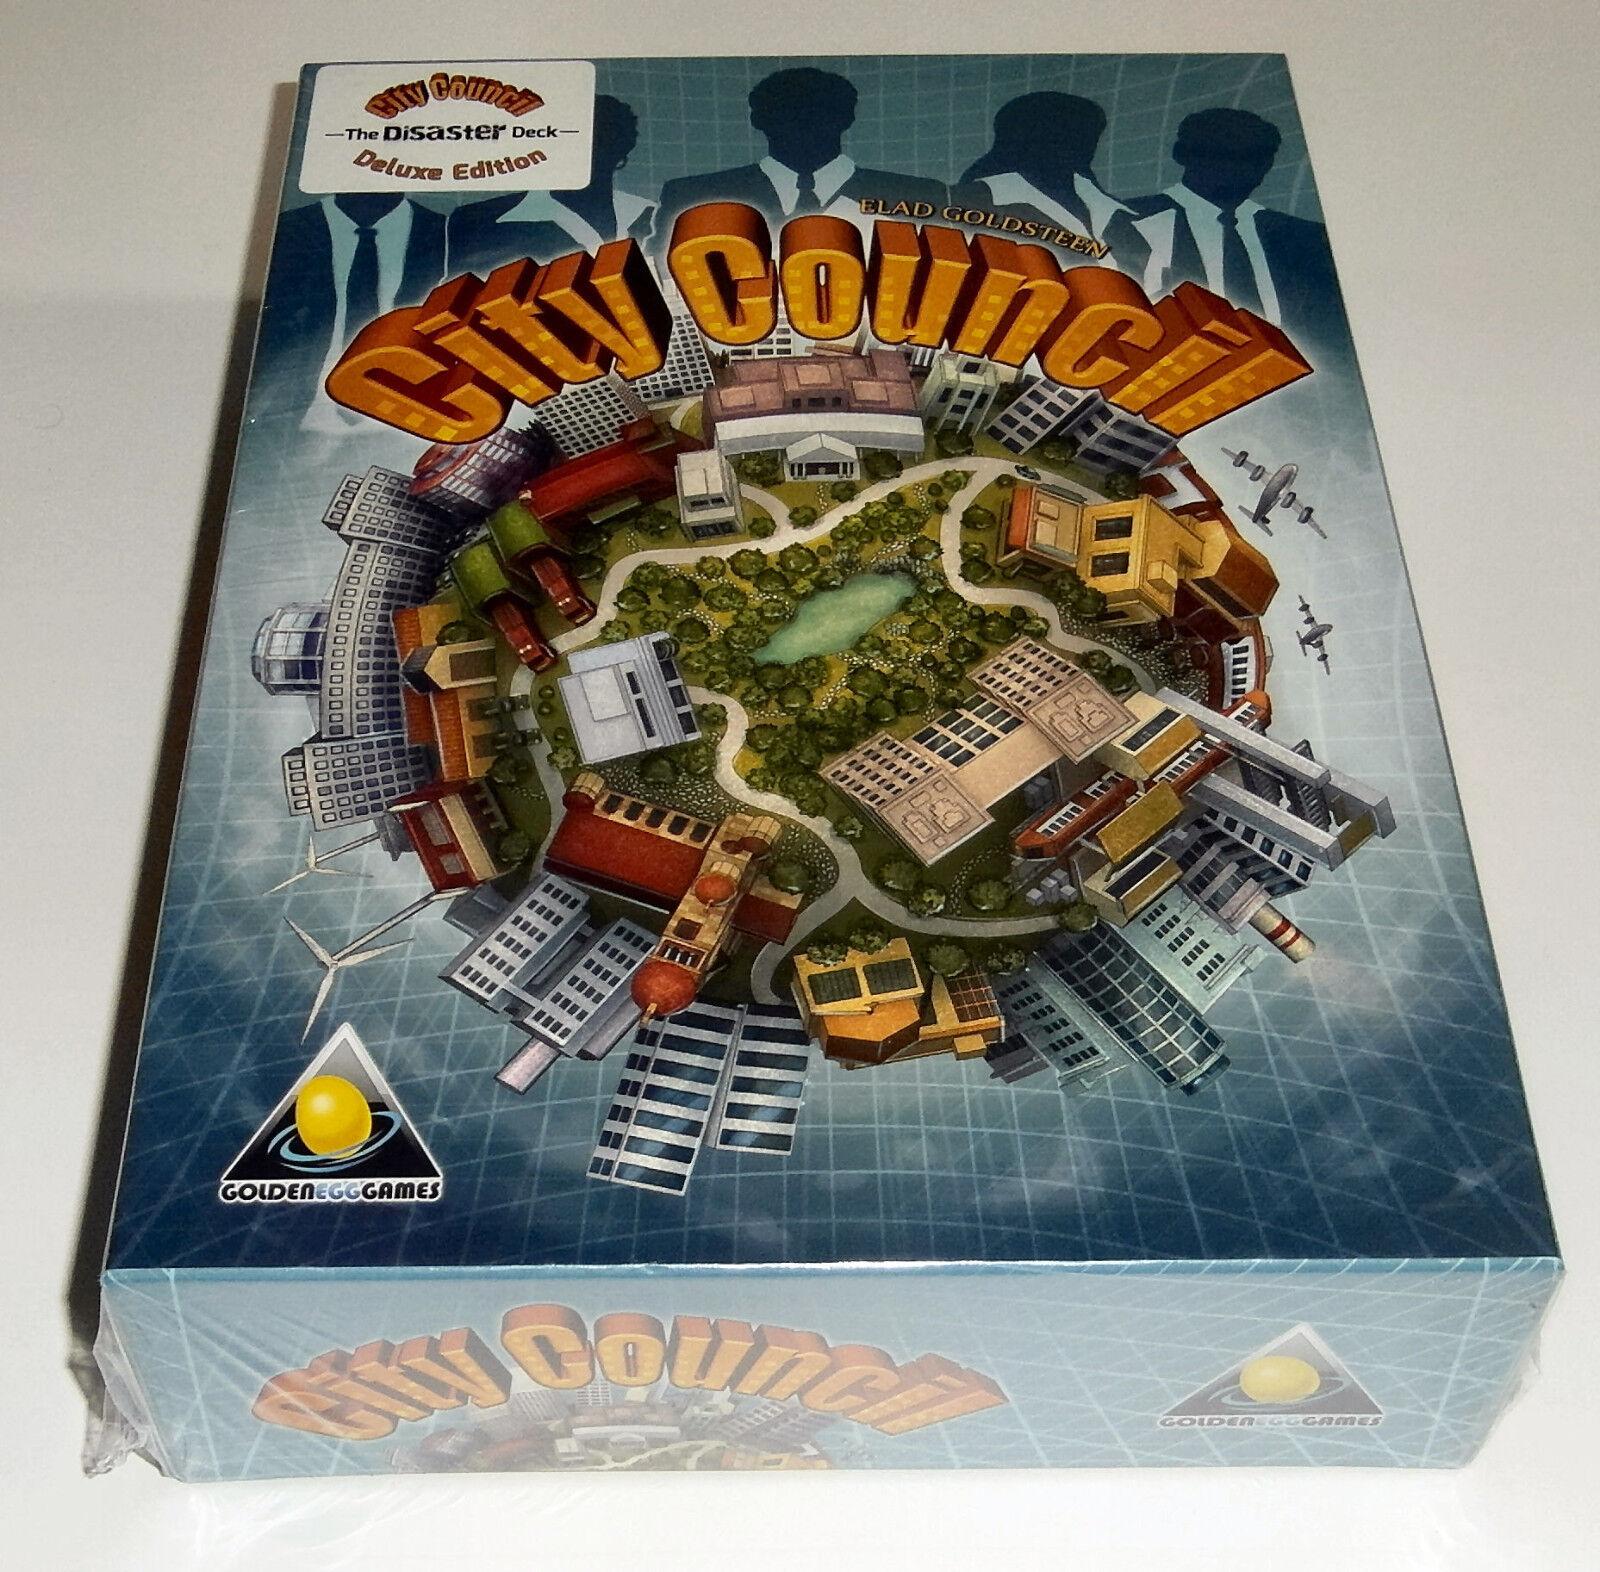 City Council Deluxe Edition - golden Egg Games - 2015